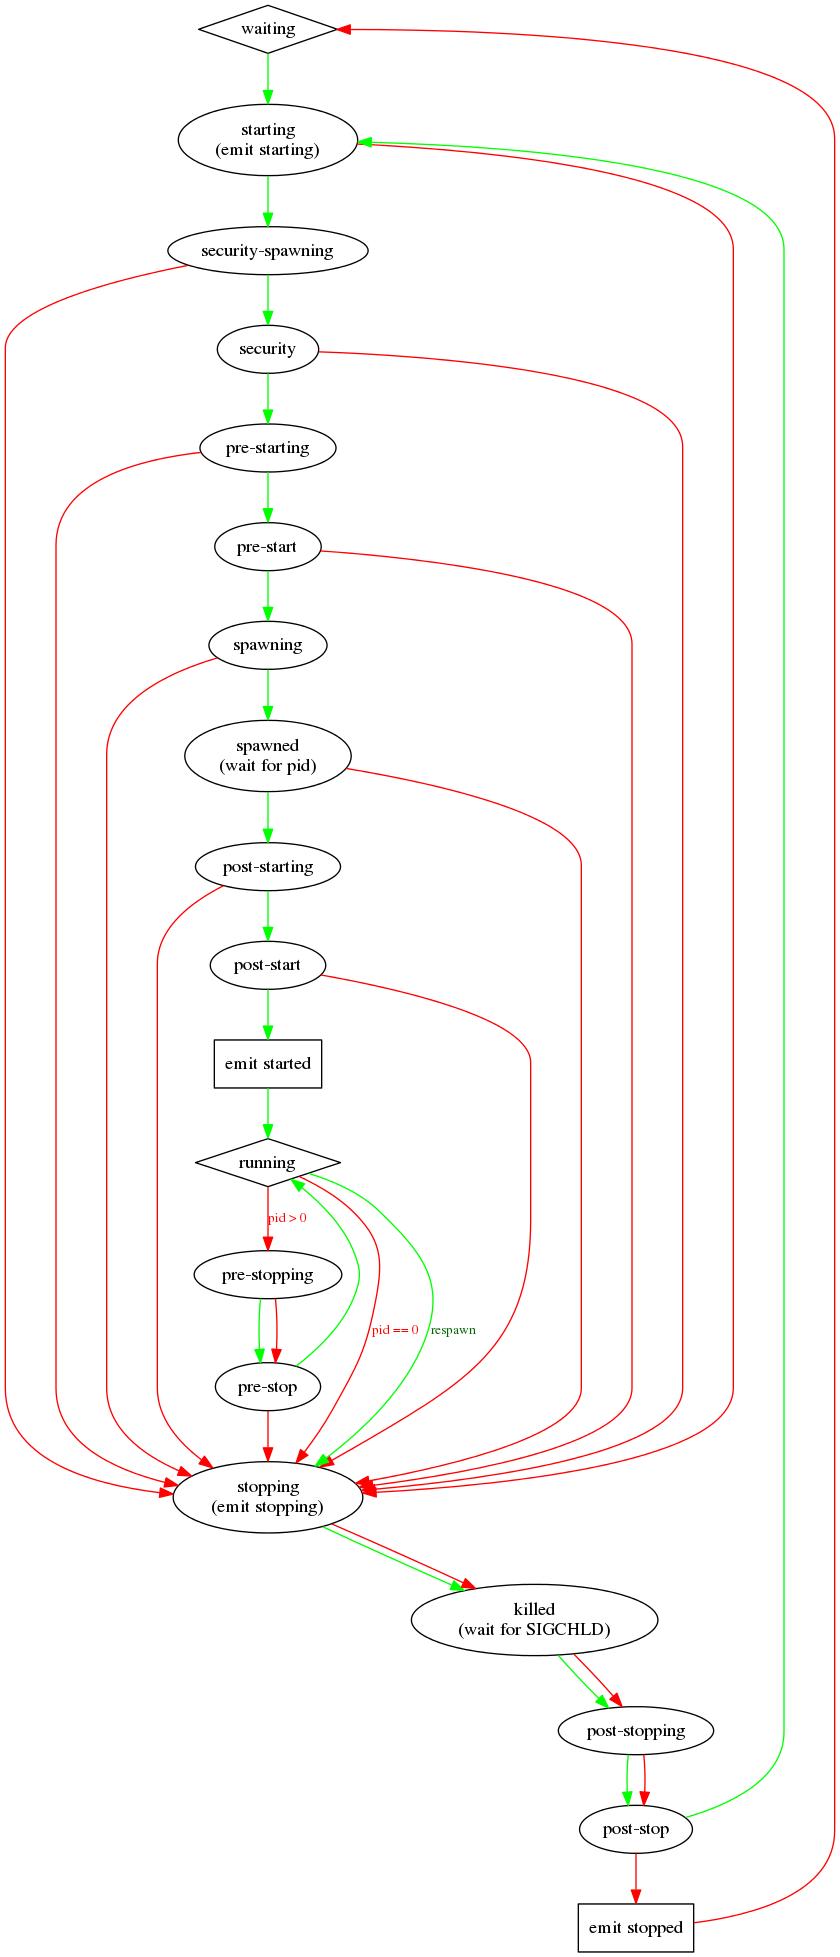 upstart state diagram